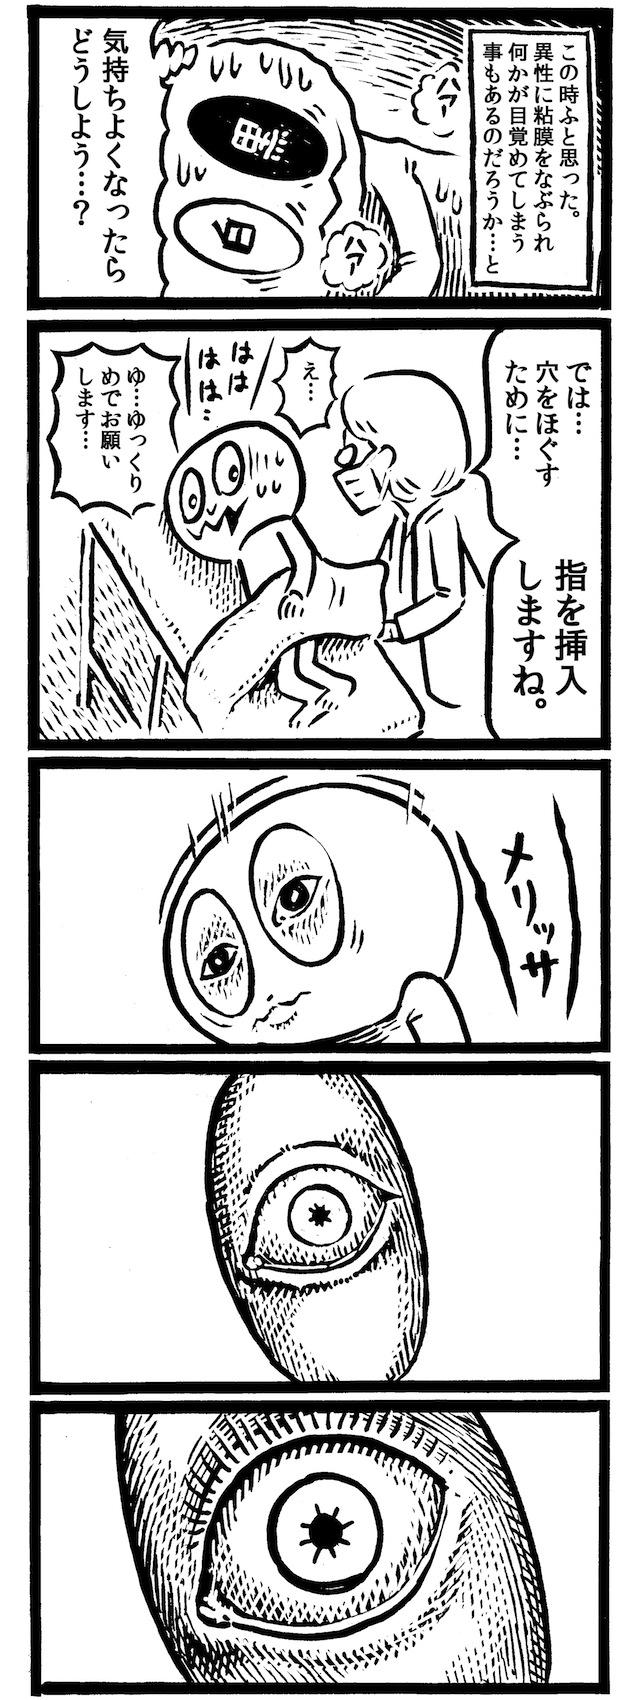 腸内洗浄-09